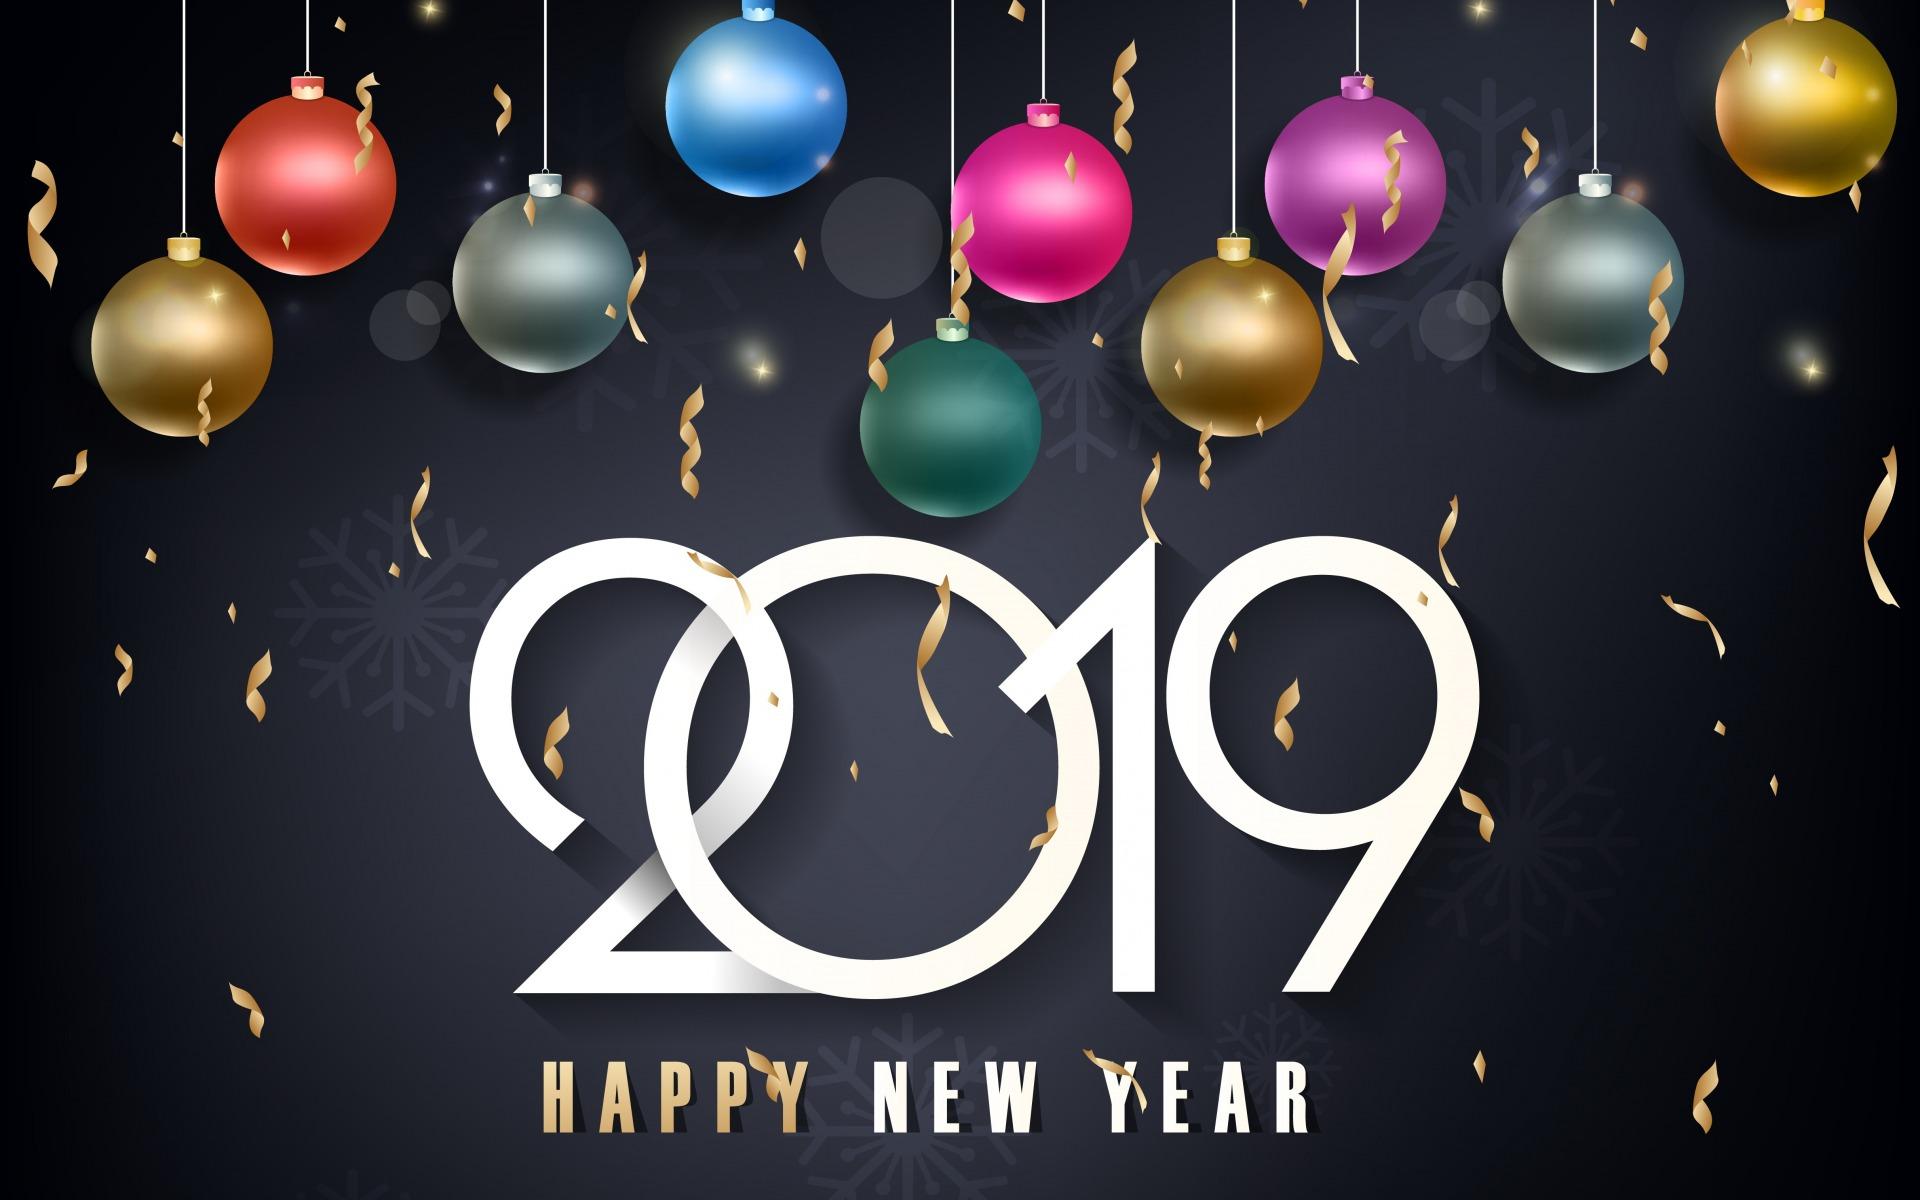 разноцветные шары, Новый Год 2019, Happy New Year, новогодние обои hd